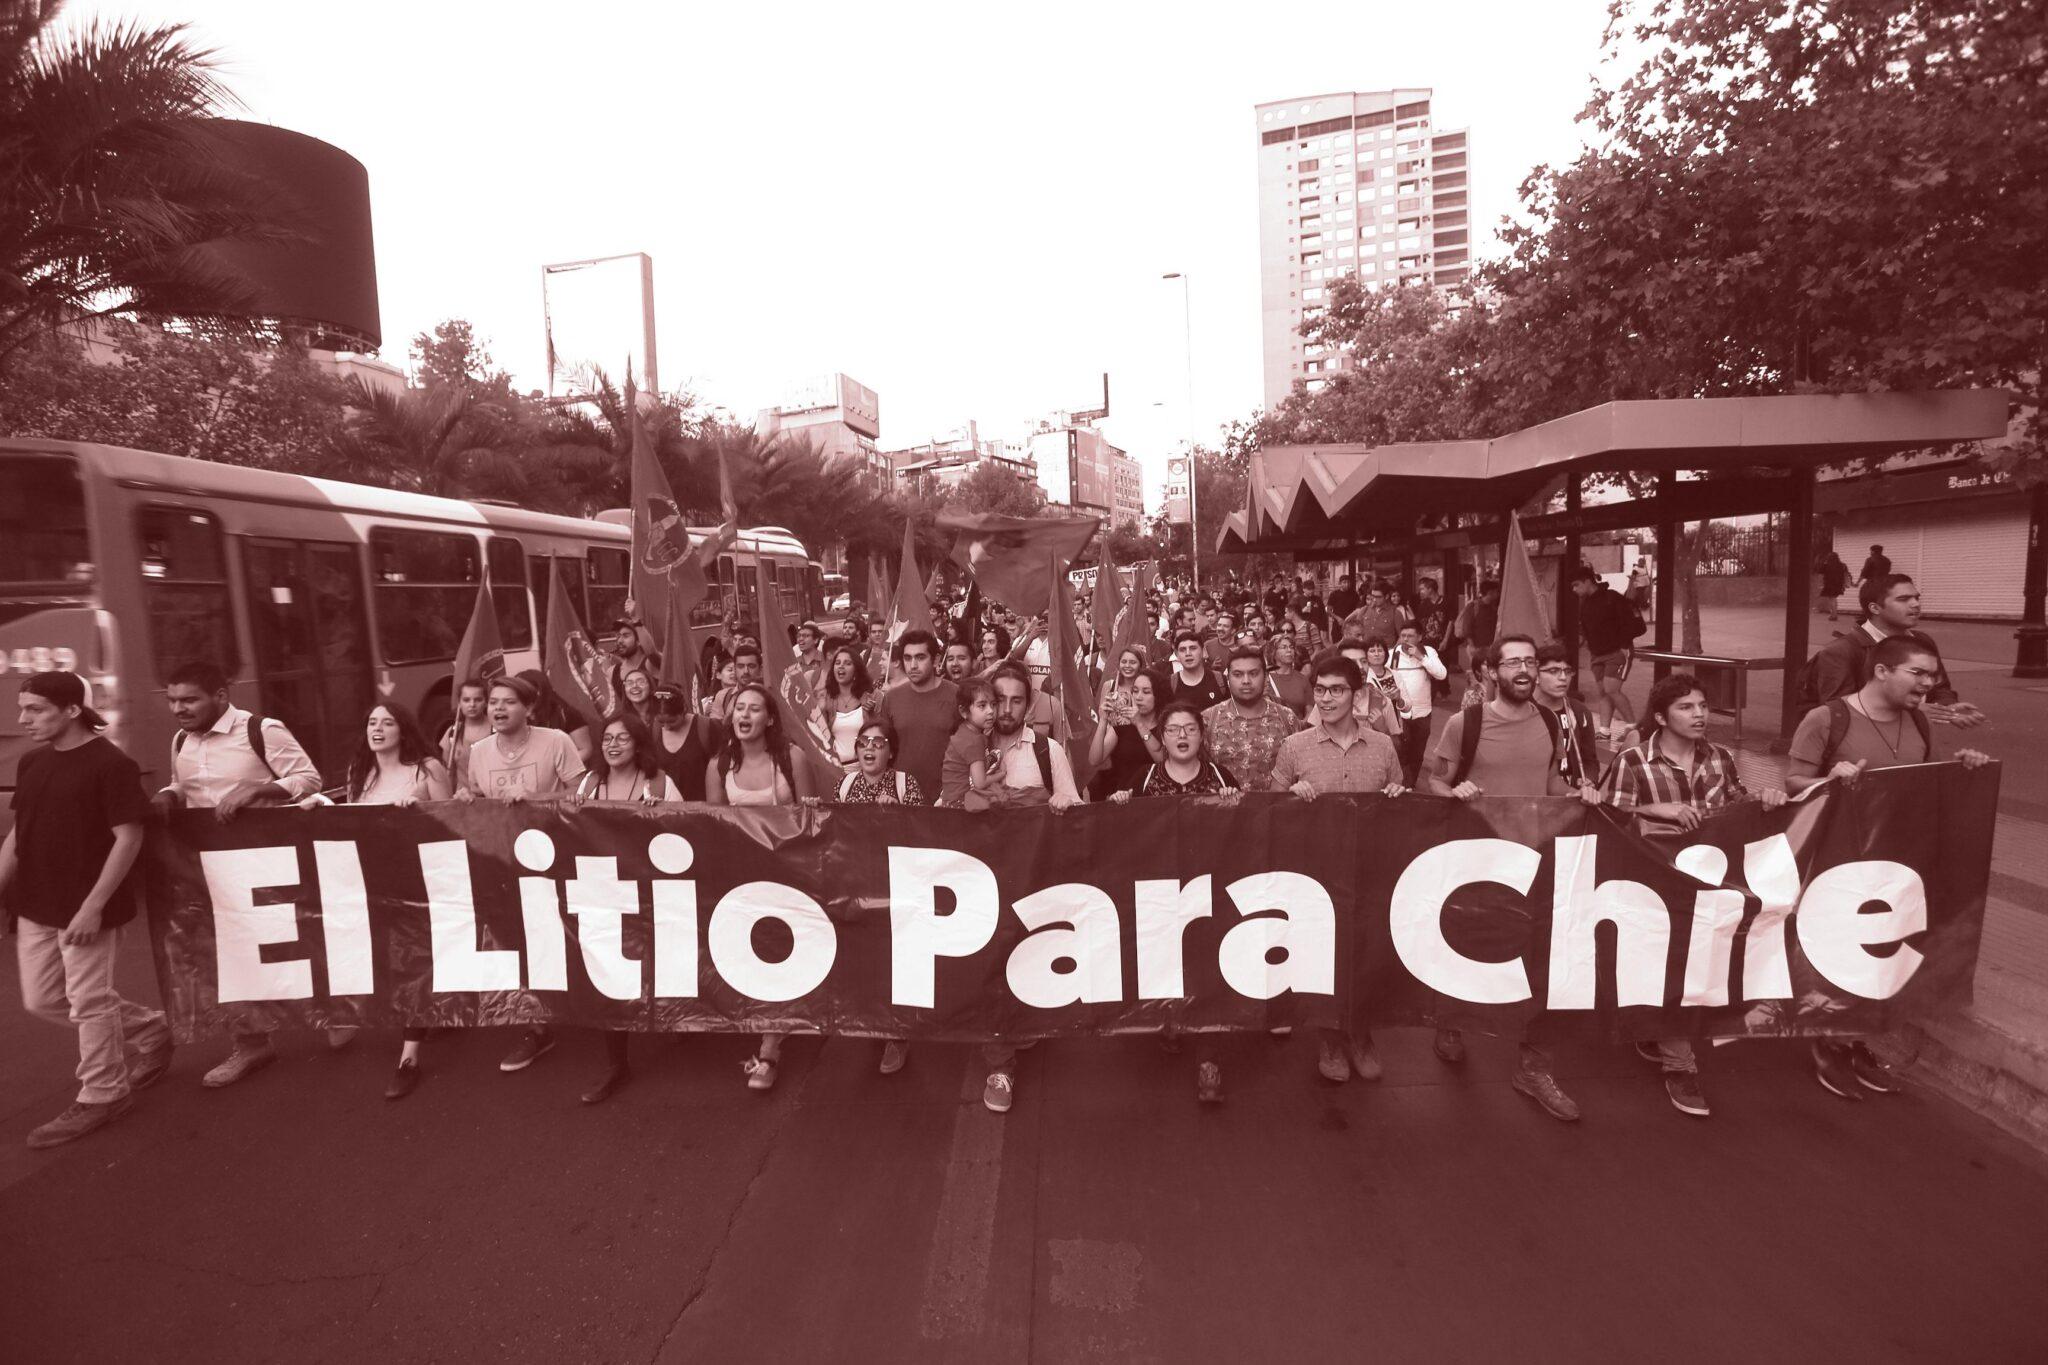 A UNO 917863 retro 288x180 - Litio se queda en manos de empresarios: estos parlamentarios declararon inconstitucional su expropiación